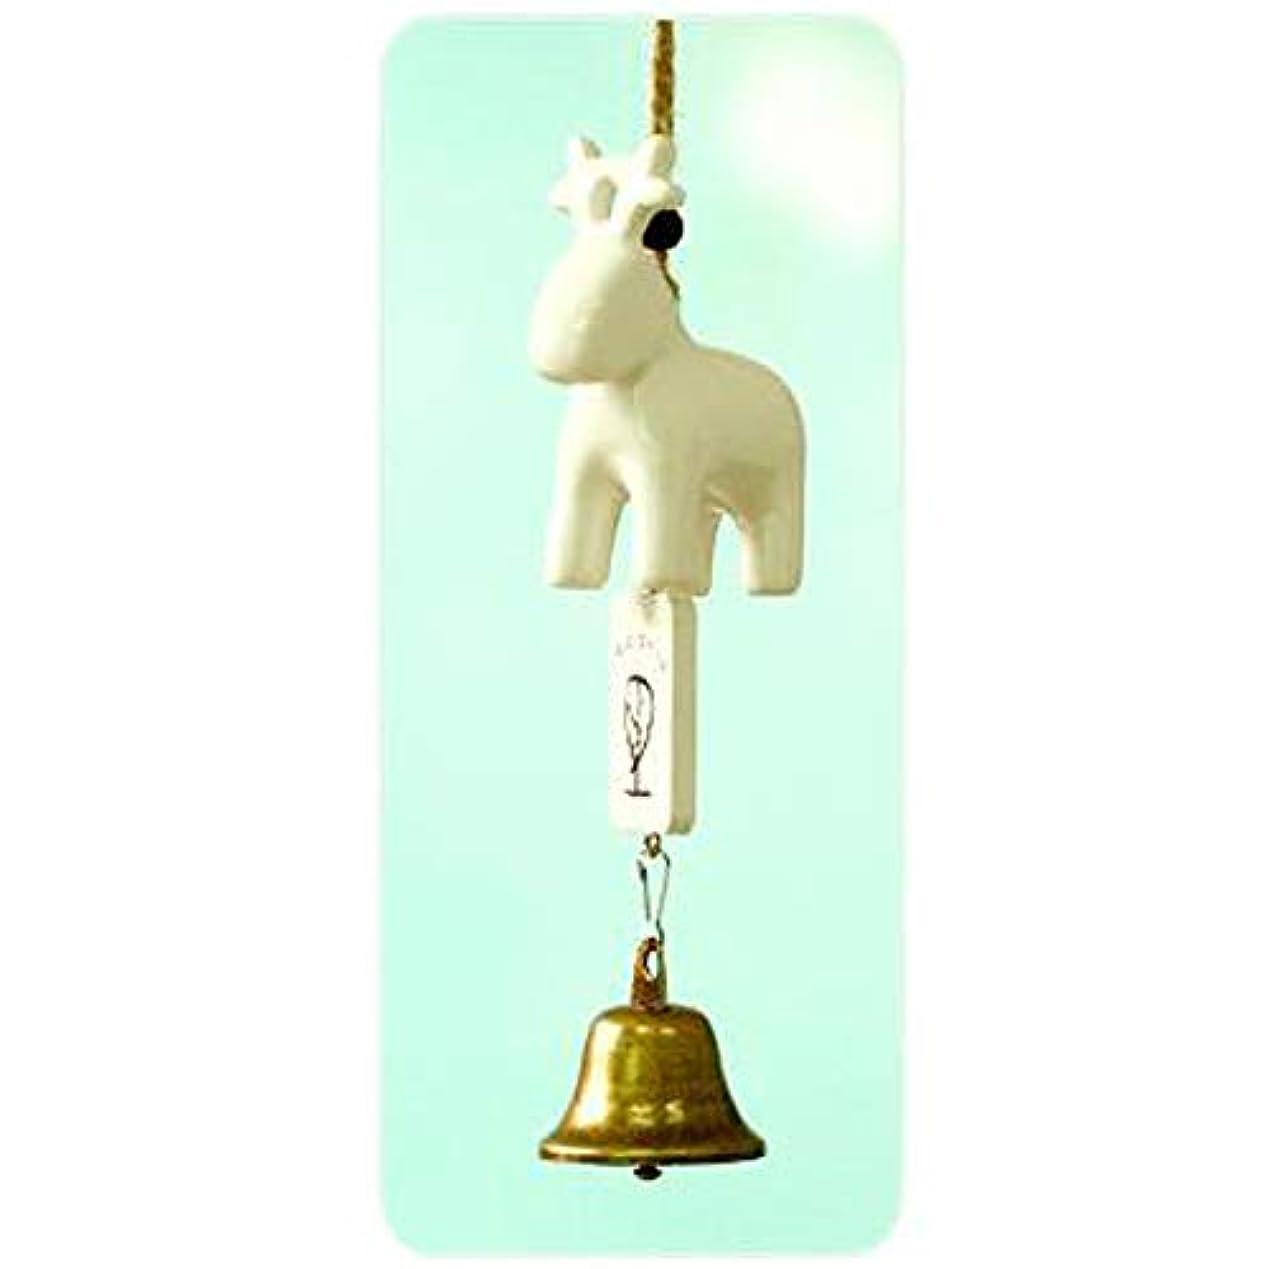 はずバレエ実業家Yougou01 風チャイム、セラミック風チャイム漫画の動物、ホワイト、全長約20cm 、創造的な装飾 (Color : B)